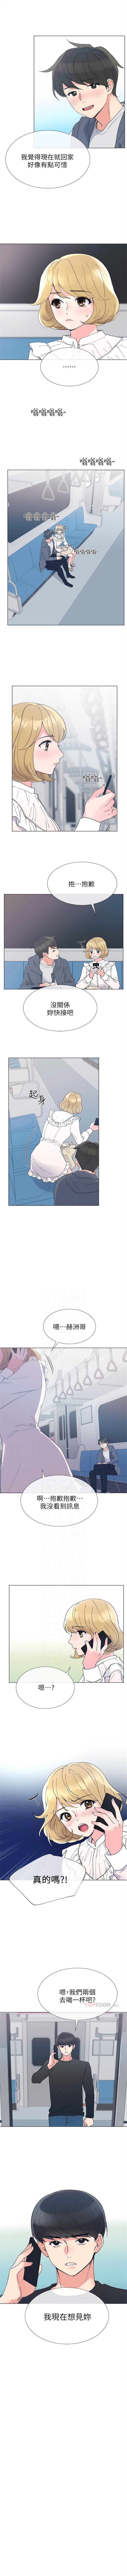 (週5)重考生 1-52 中文翻譯(更新中) 265